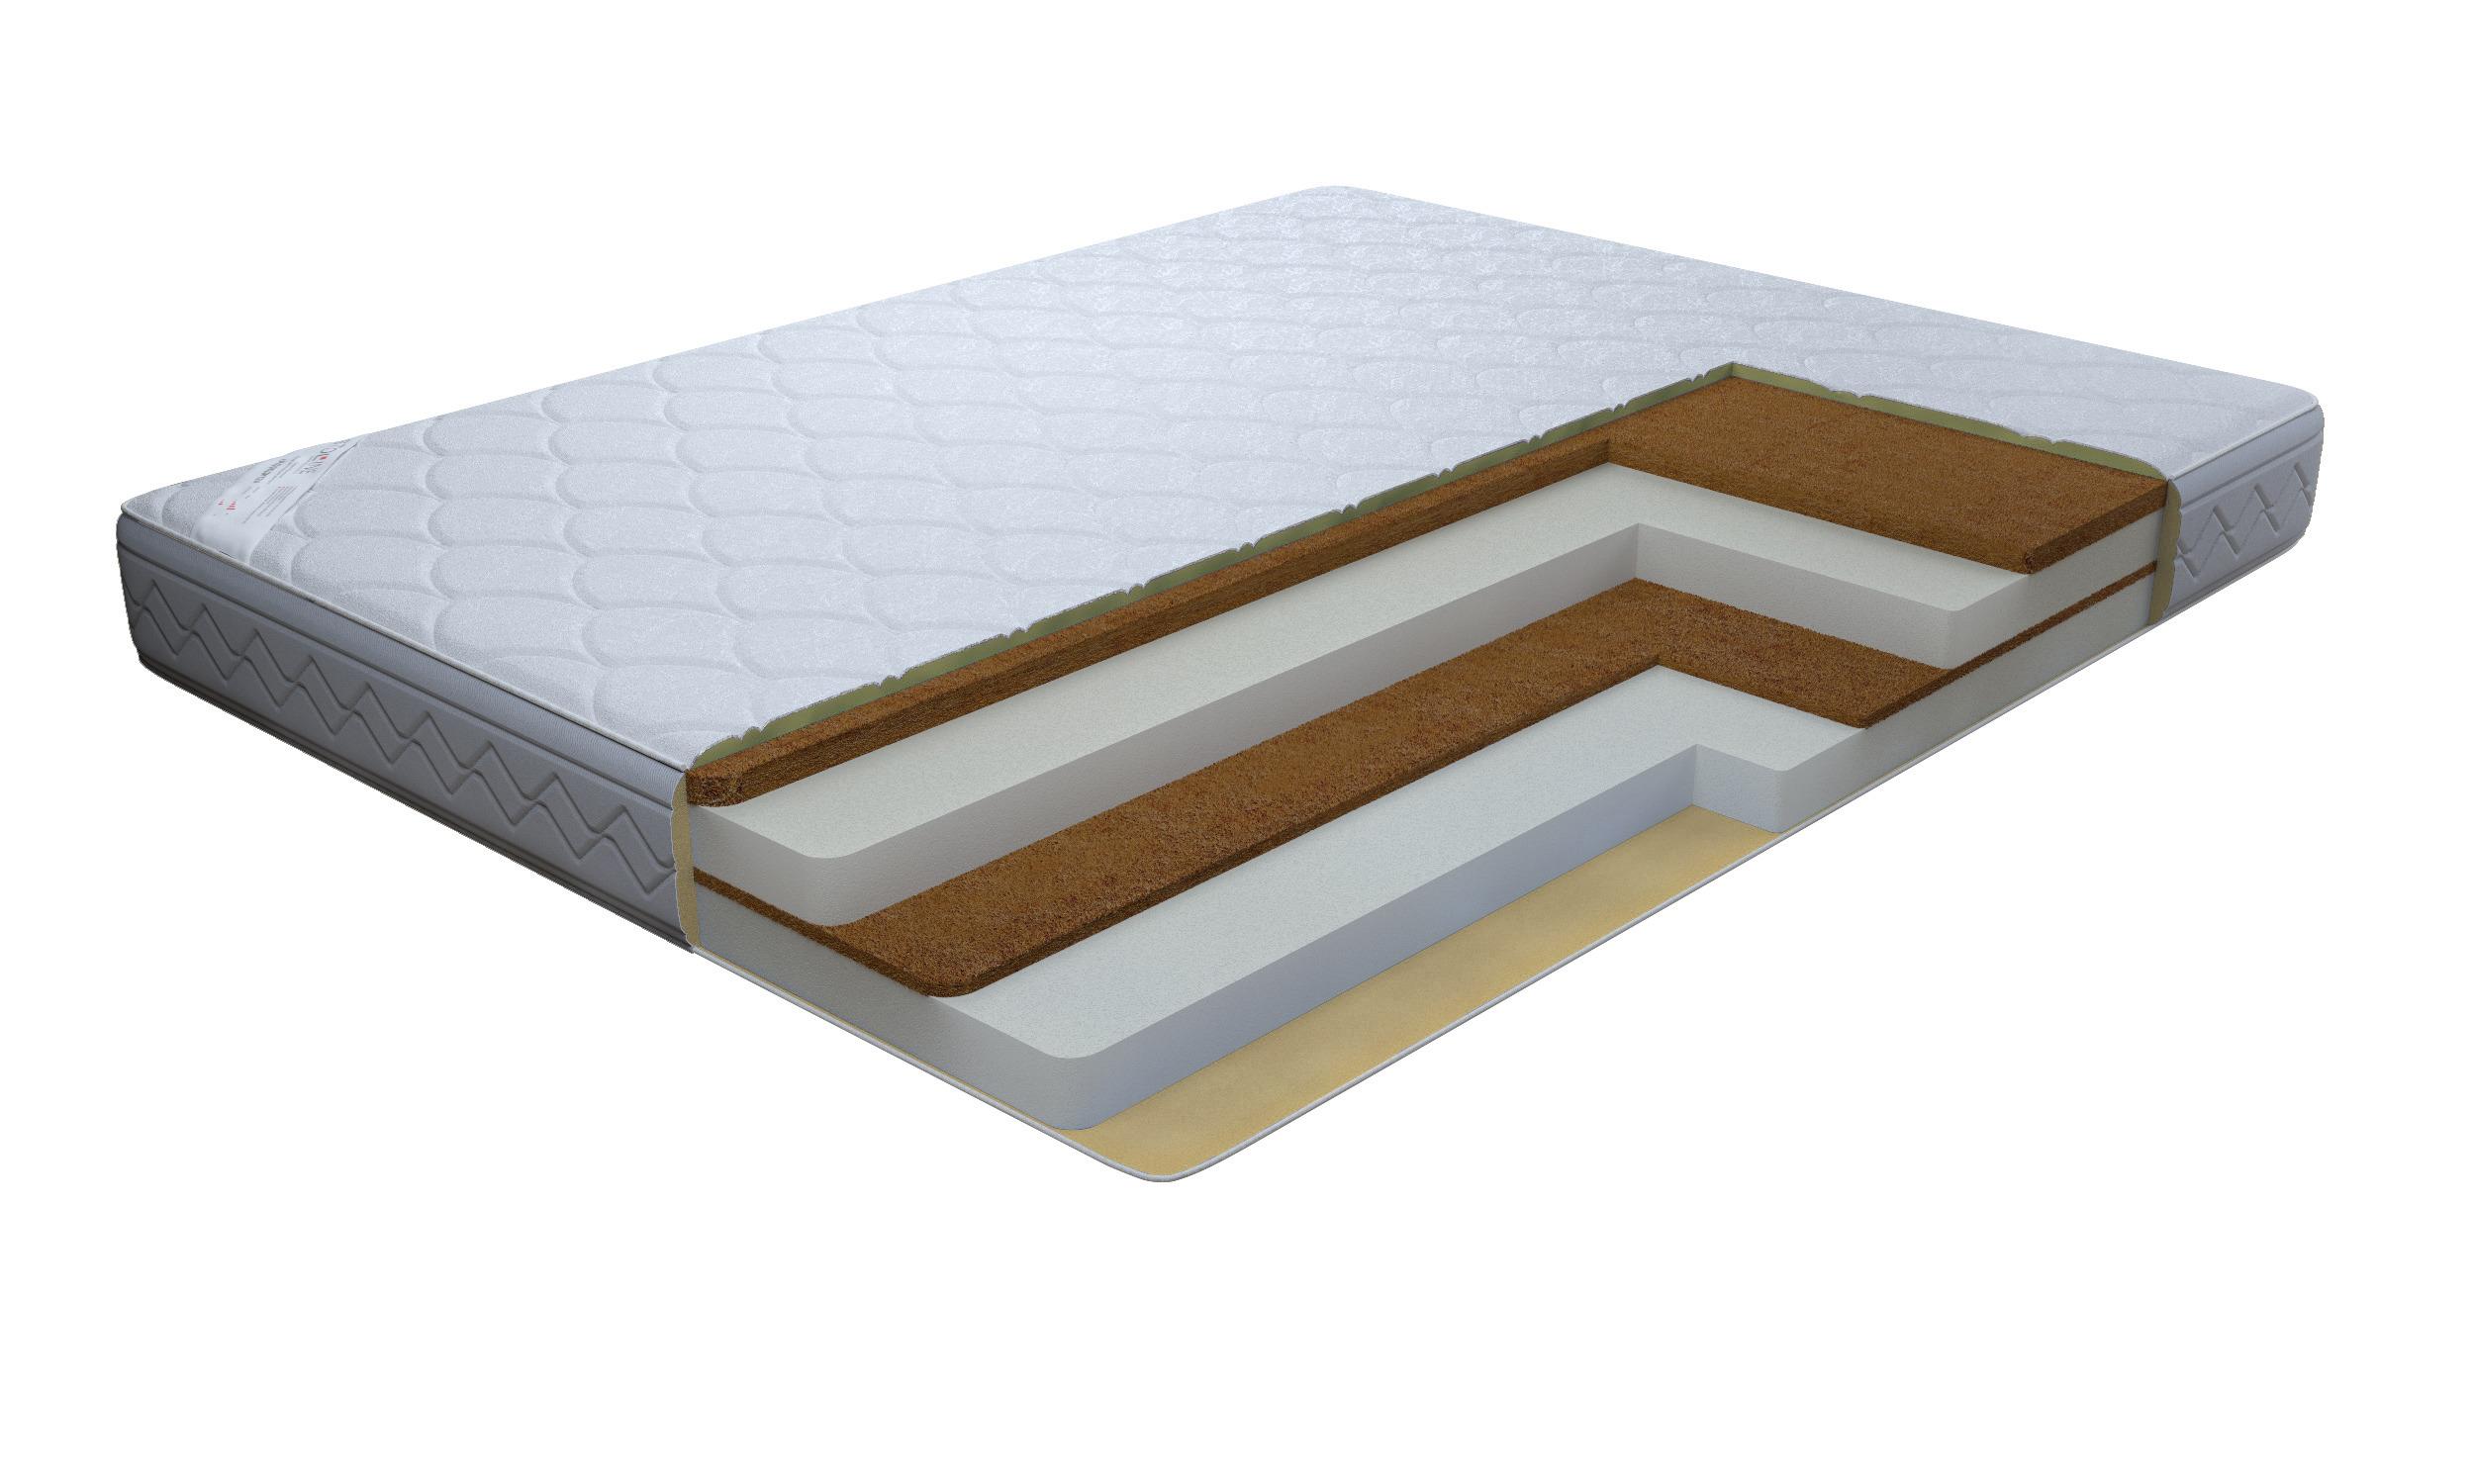 Матрас Премиум-Аванта 800*2000Мебель для спальни<br>Две стороны жесткости обеспечат комфортный сон. Огнеупорный жакард, очень приятен на ощупь и обладает гипоалергенным свойствами и при этом не поддерживает горение. Рекомендовано использование вместе с защитным чехлом Aquastop.Подходит для кроватей с подъемным механизмом. &#13;Высота: 22 &#13;Основа: беспружинный &#13;Чехол: Огнеупорный жаккард, стеганный на 15 мм ППУ &#13;Наполнитель: Латексированные листы кокосовой койры 30 и 10 мм, 2 листа ППУ 750 мм &#13;Нагрузка: 120<br><br>Длина мм: 800<br>Высота мм: 220<br>Глубина мм: 2000<br>Длина матраса: 2000<br>Ширина матраса: 800<br>Высота матраса: 220<br>Тип матраса: беспружинный